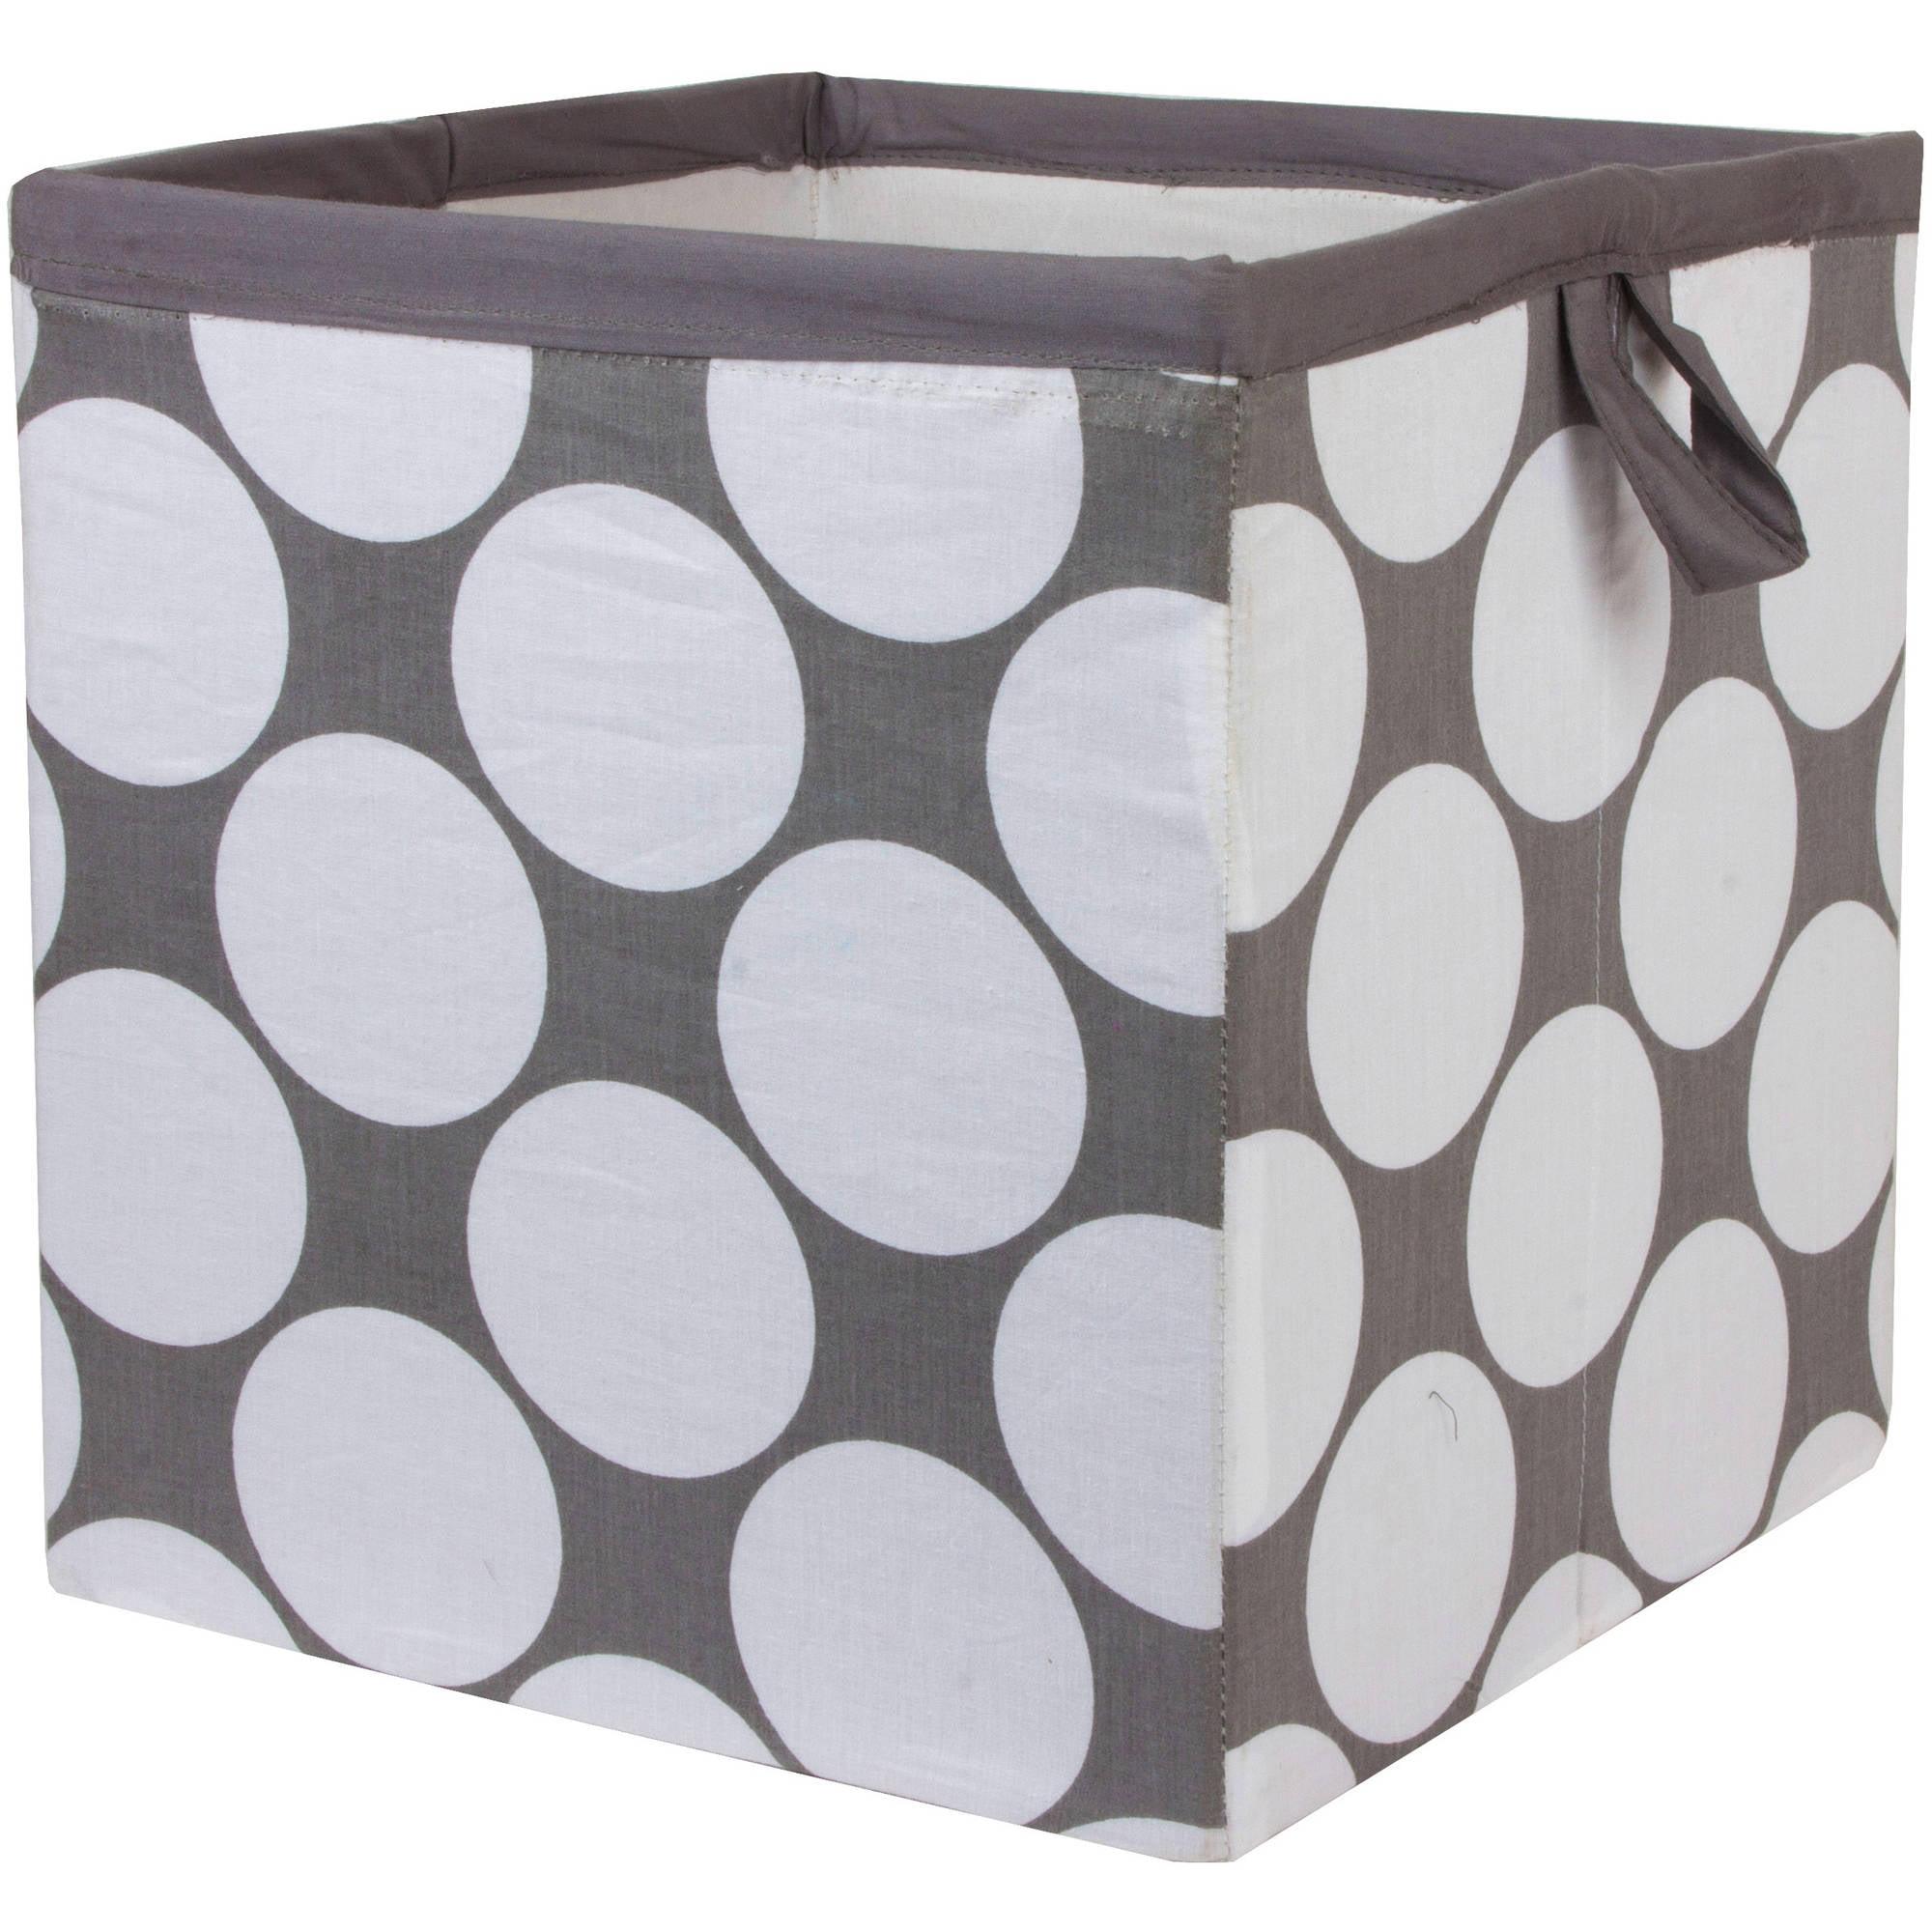 Bacati Dots/Pin Stripes Storage Box, Small, Gray/Yellow